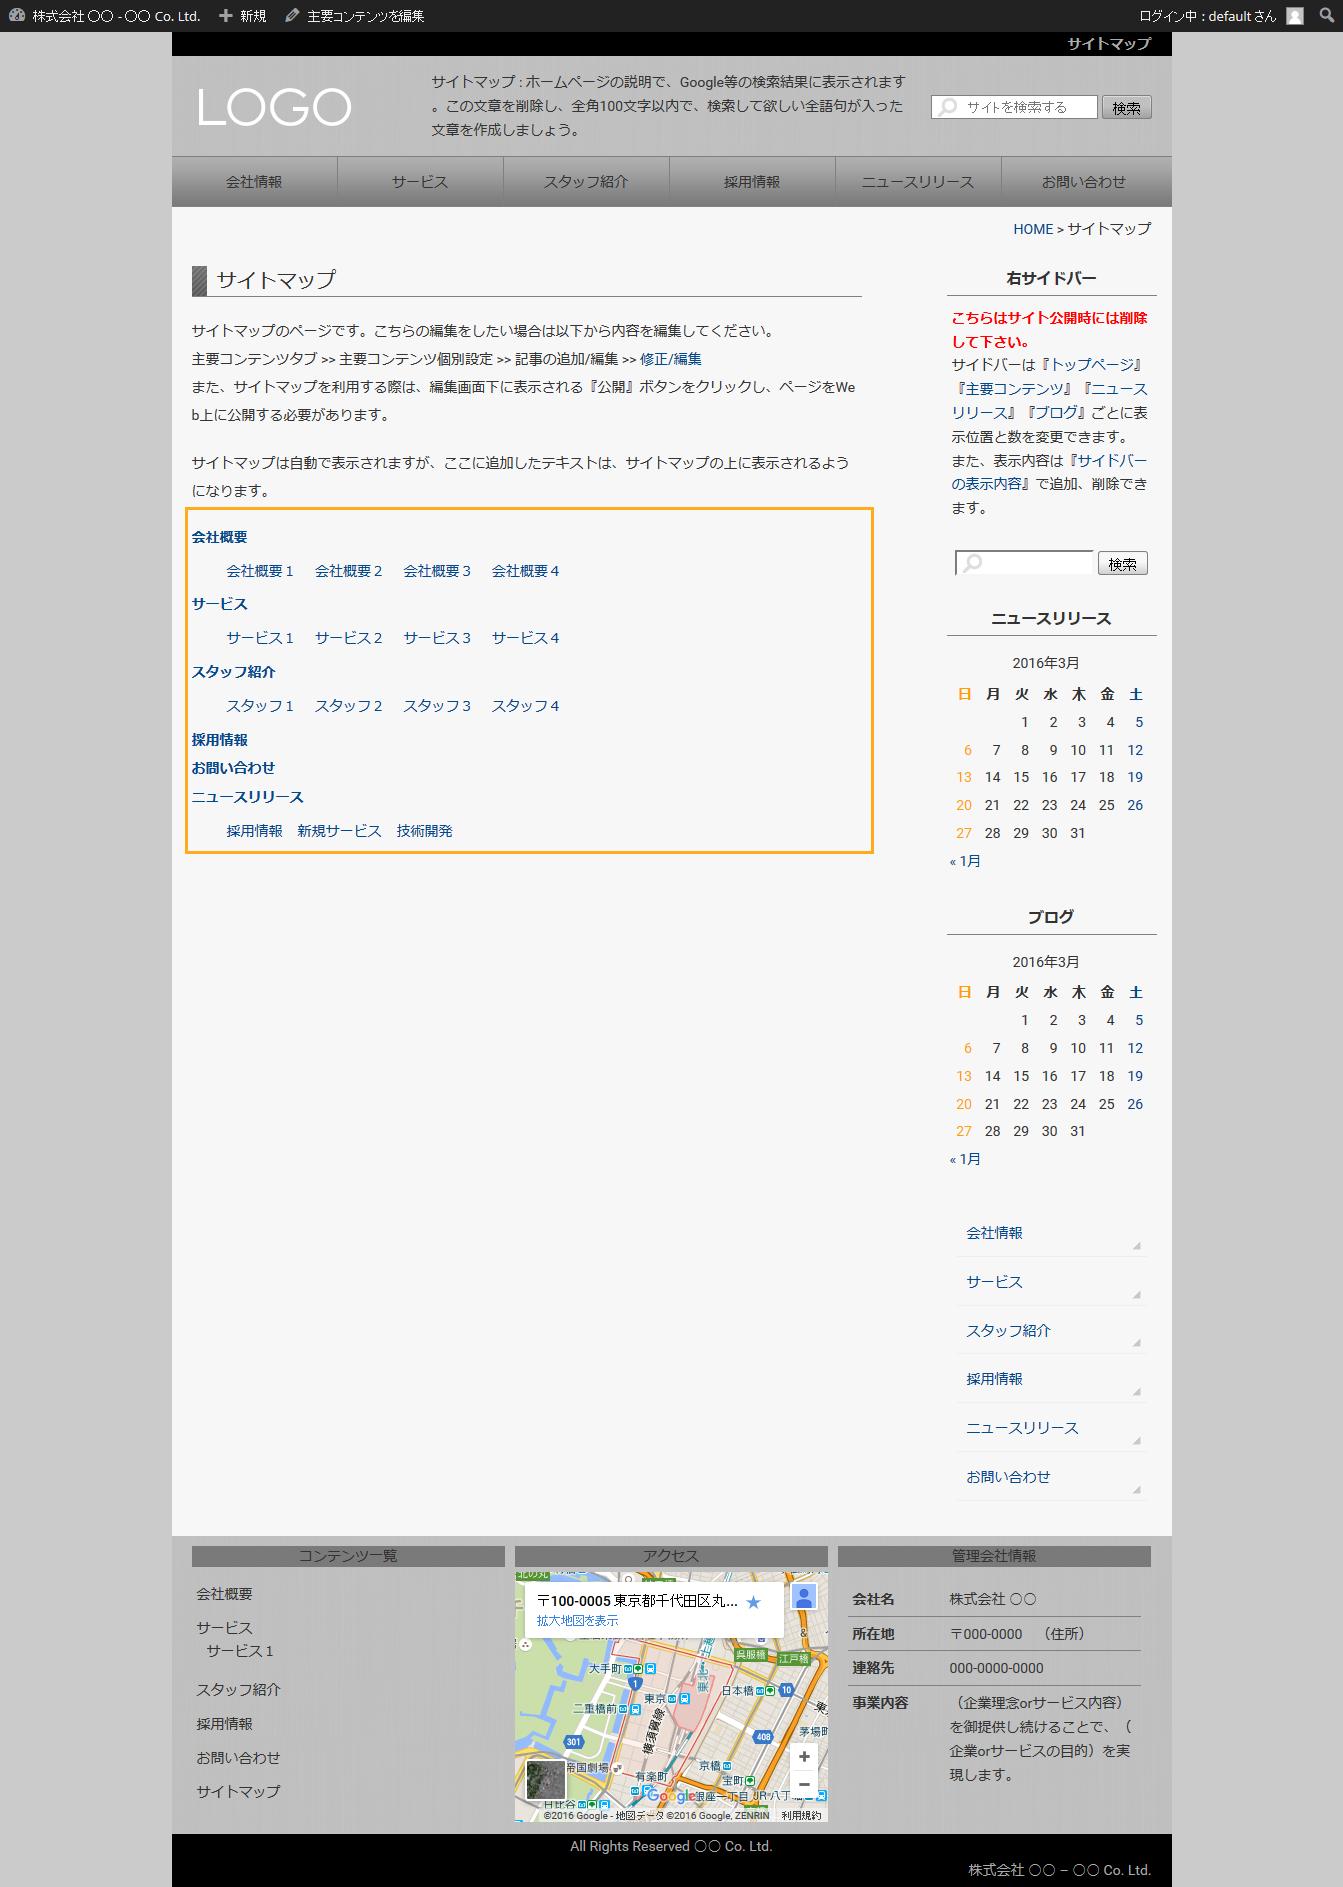 サイトマップのインラインレイアウト - 簡単格安ホームページ作成会社 -FunMaker.png